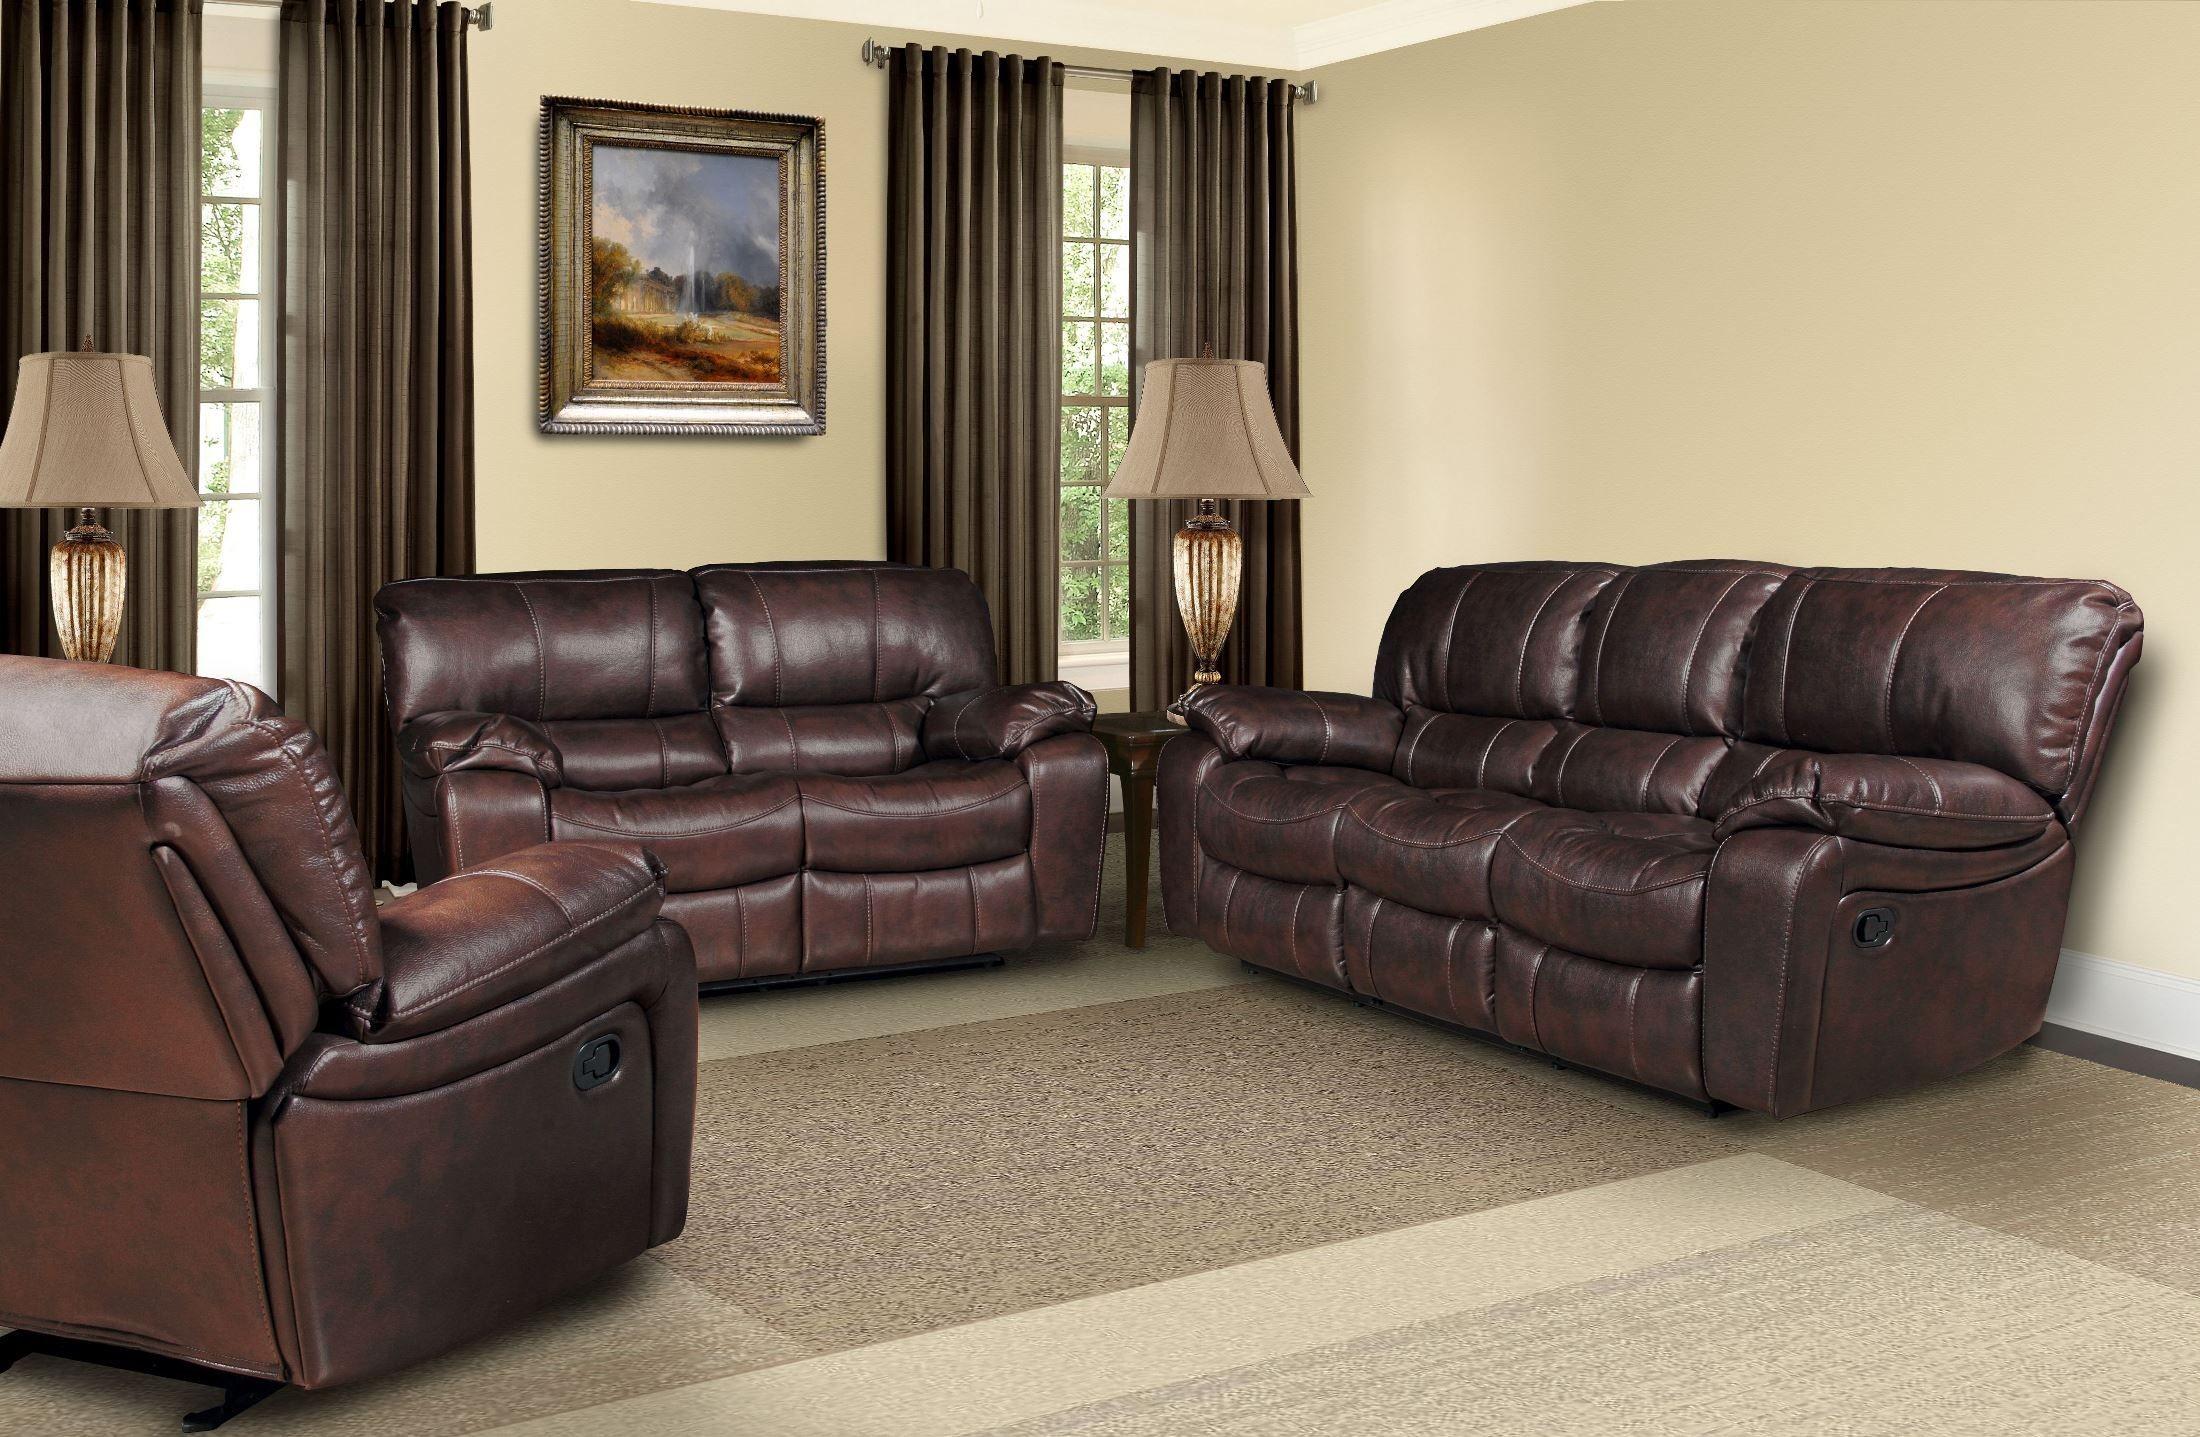 Jupiter Russet Dual Reclining Living Room Set from Parker